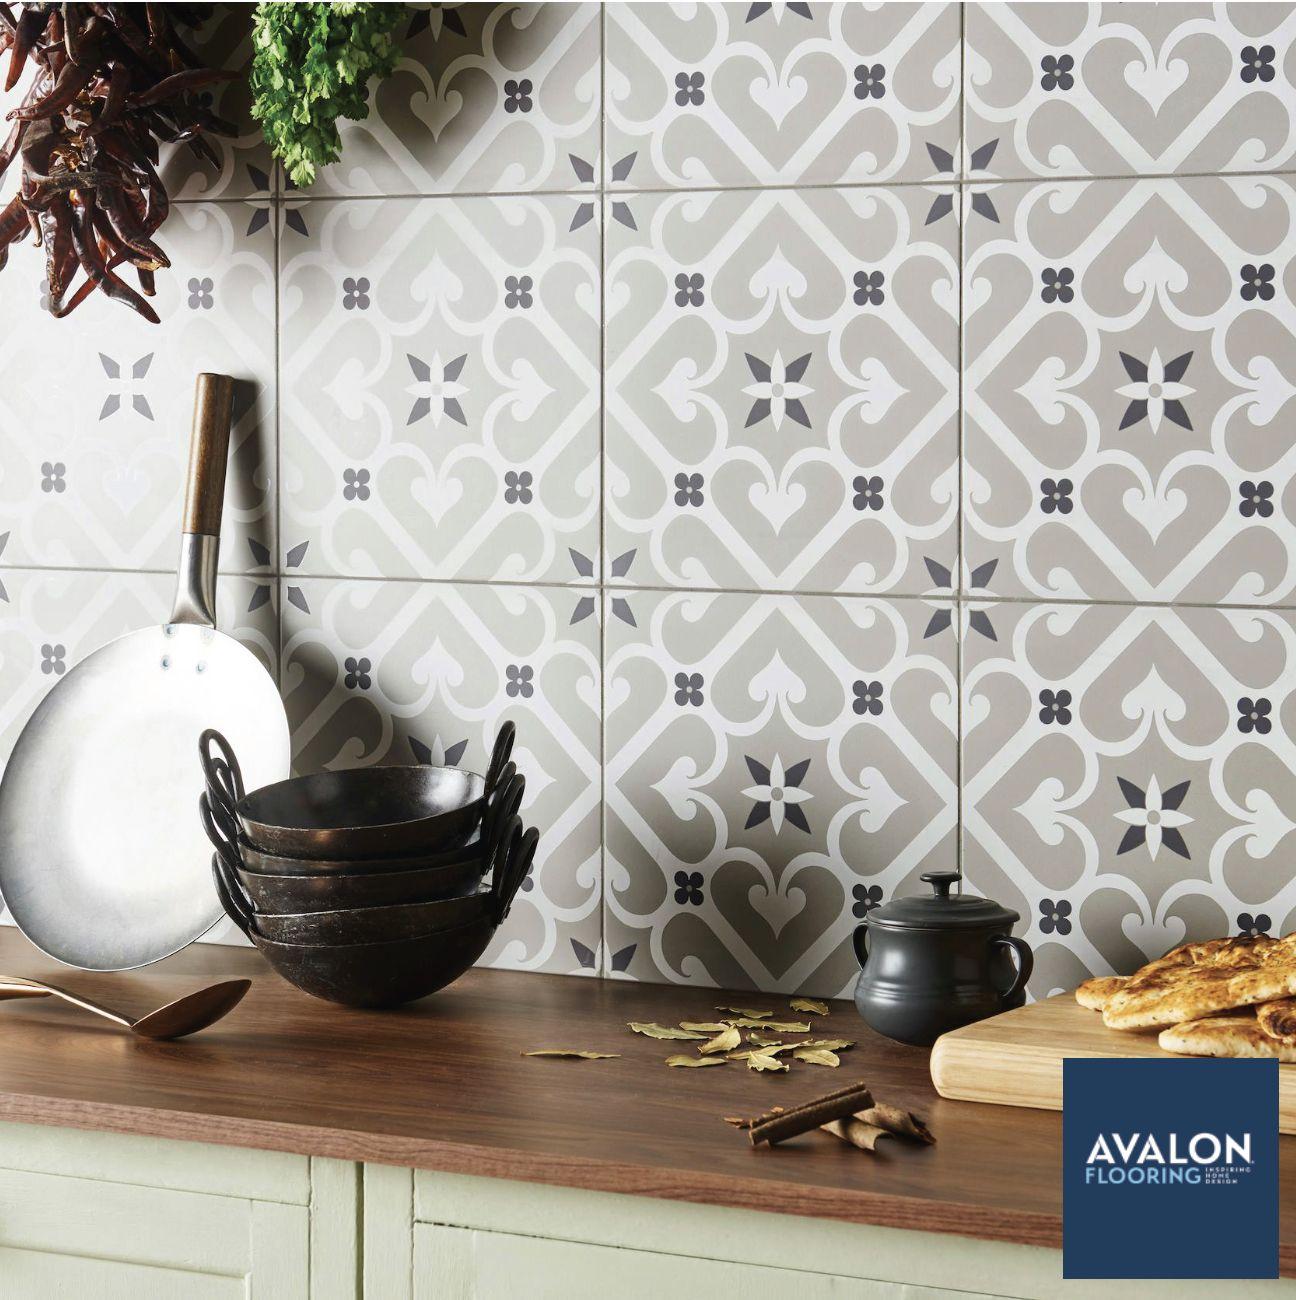 Kitchen Backsplash Tile Kitchen Wall Tiles Wall Tiles Design Kitchen Wall Tiles Design Kitchen tiles for walls